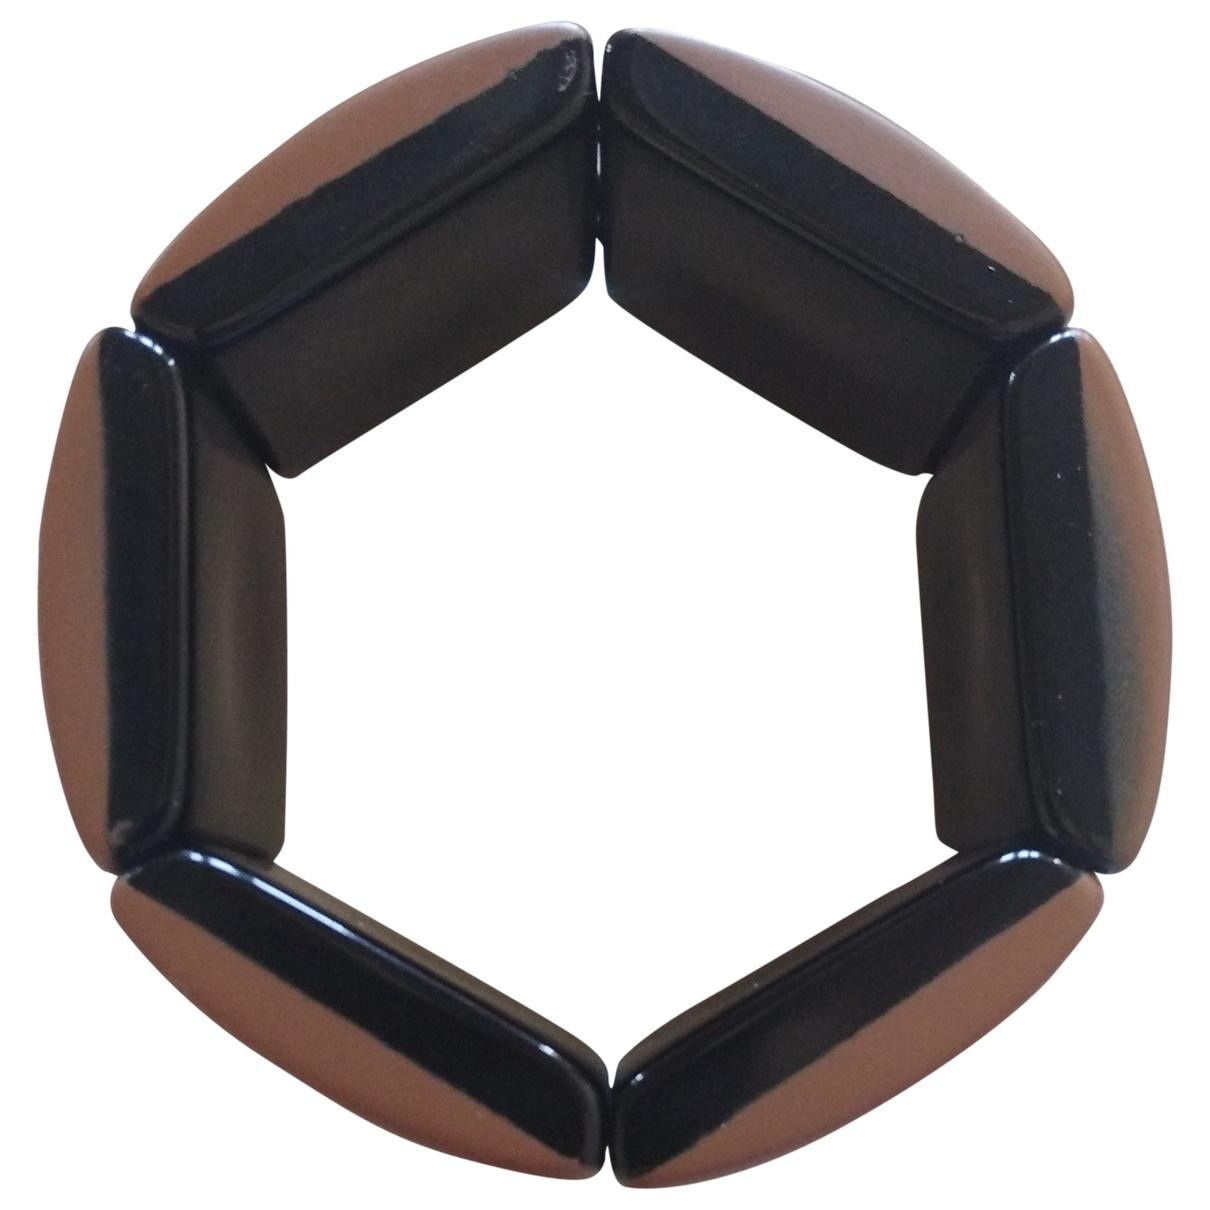 Cos - Bracelet   pour femme en metal - marron